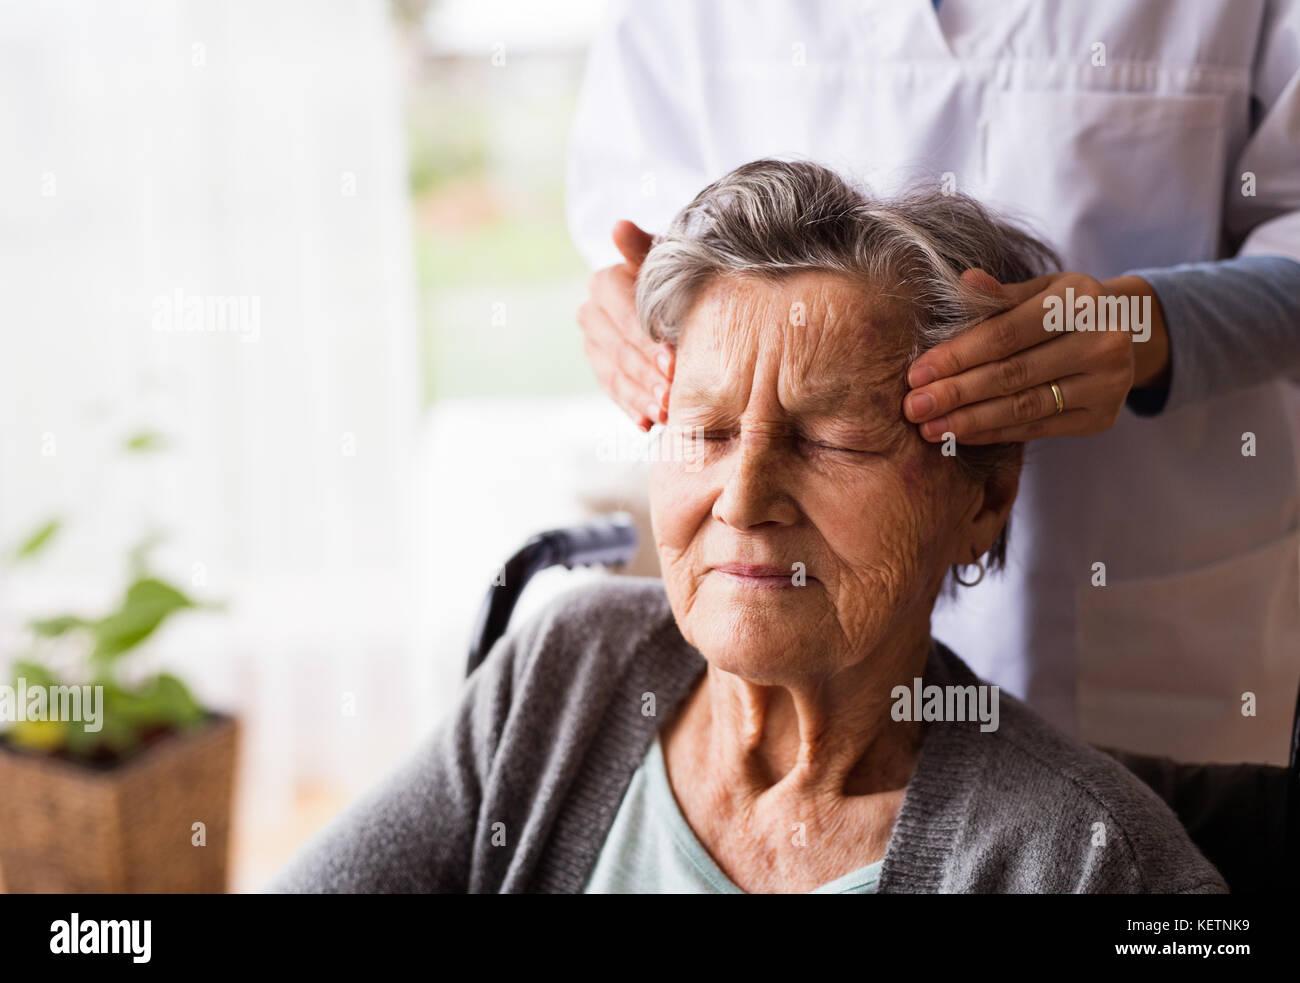 Gesundheit Besucher und eine ältere Frau im Hause besuchen. Stockbild